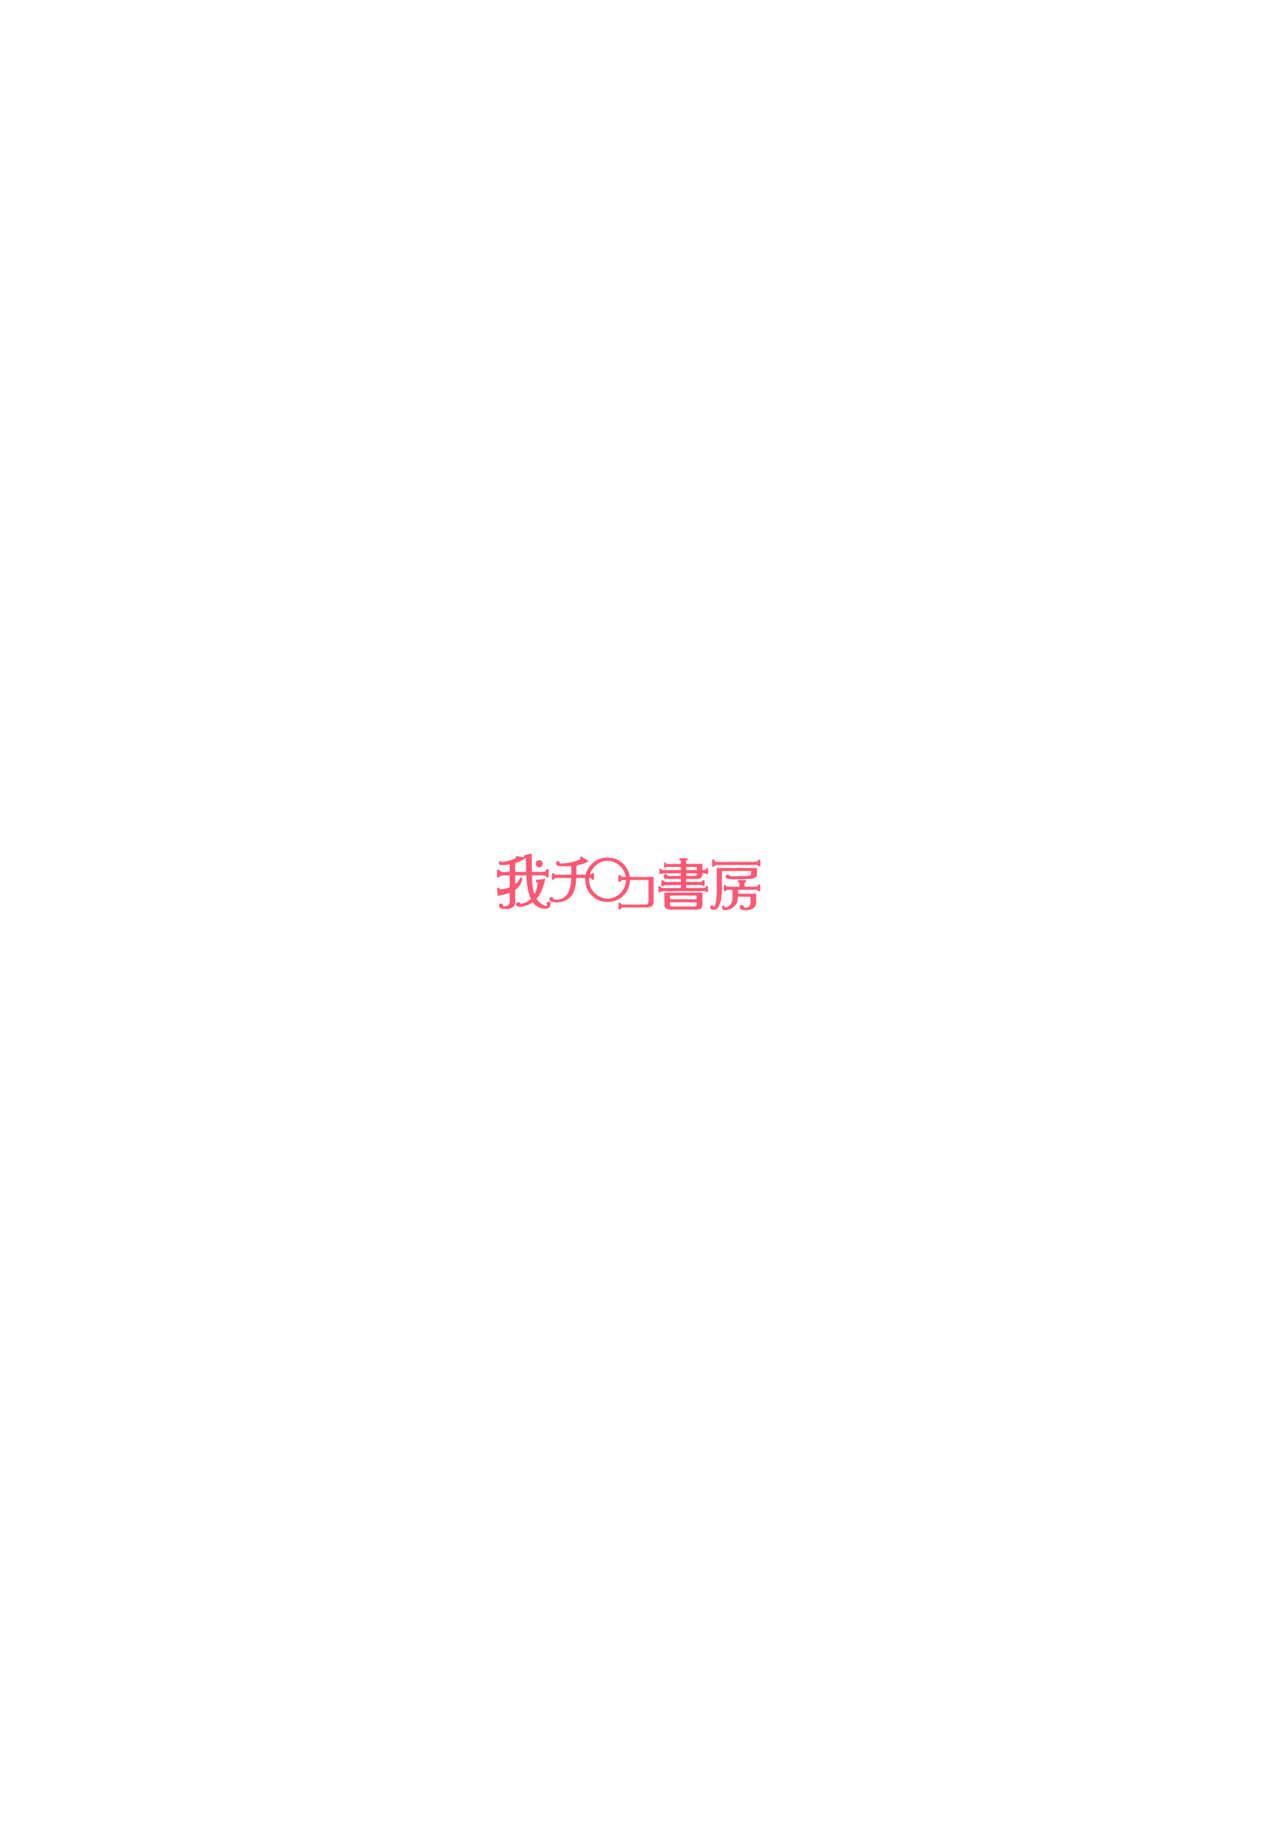 Kuro no Joou no Isekai Seikatsu 2.5 17